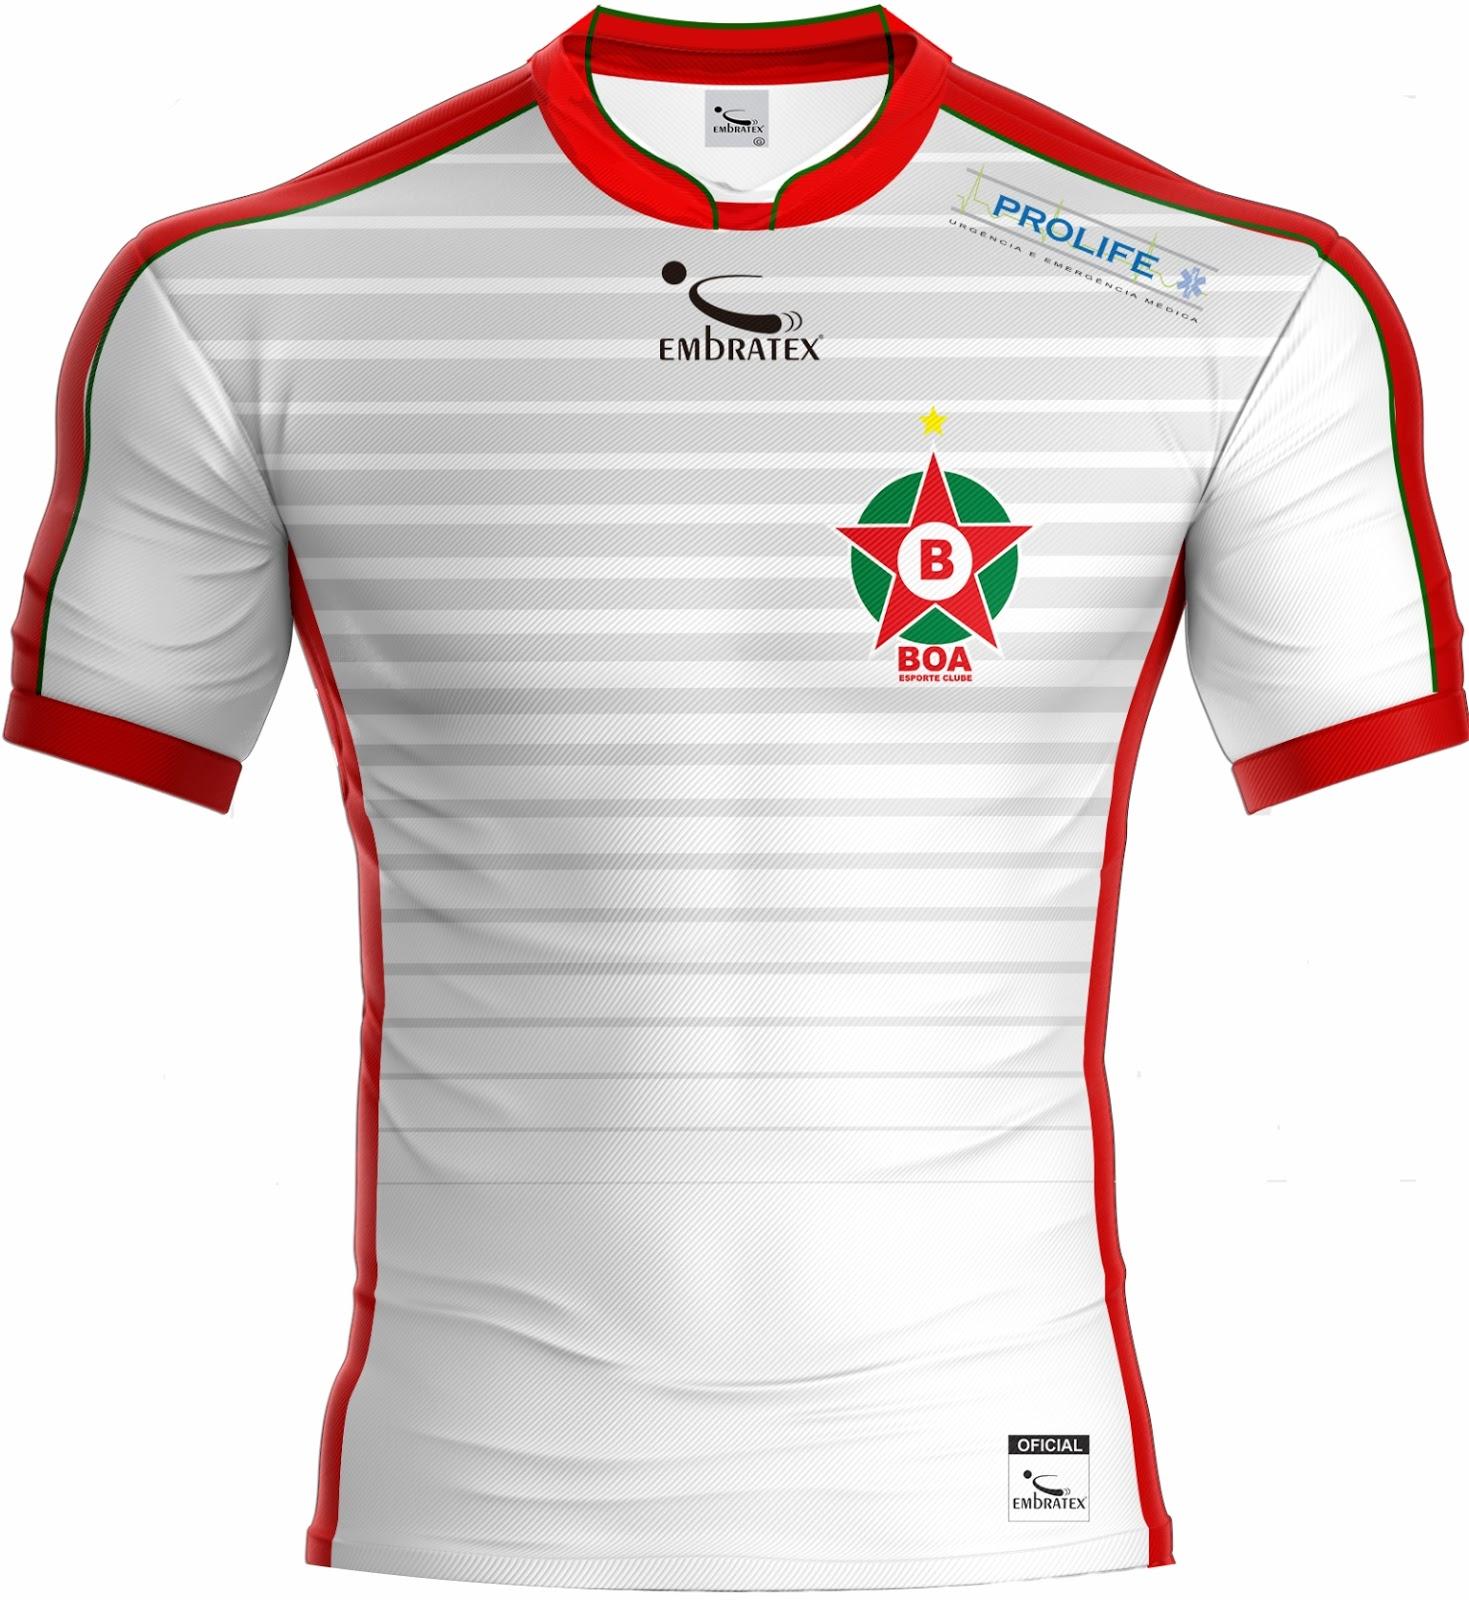 8375e4f30b A camisa reserva é listrada horizontalmente em branco e cinza em diversas  espessuras. A gola e a faixa dos ombros que vai até as mangas é vermelha